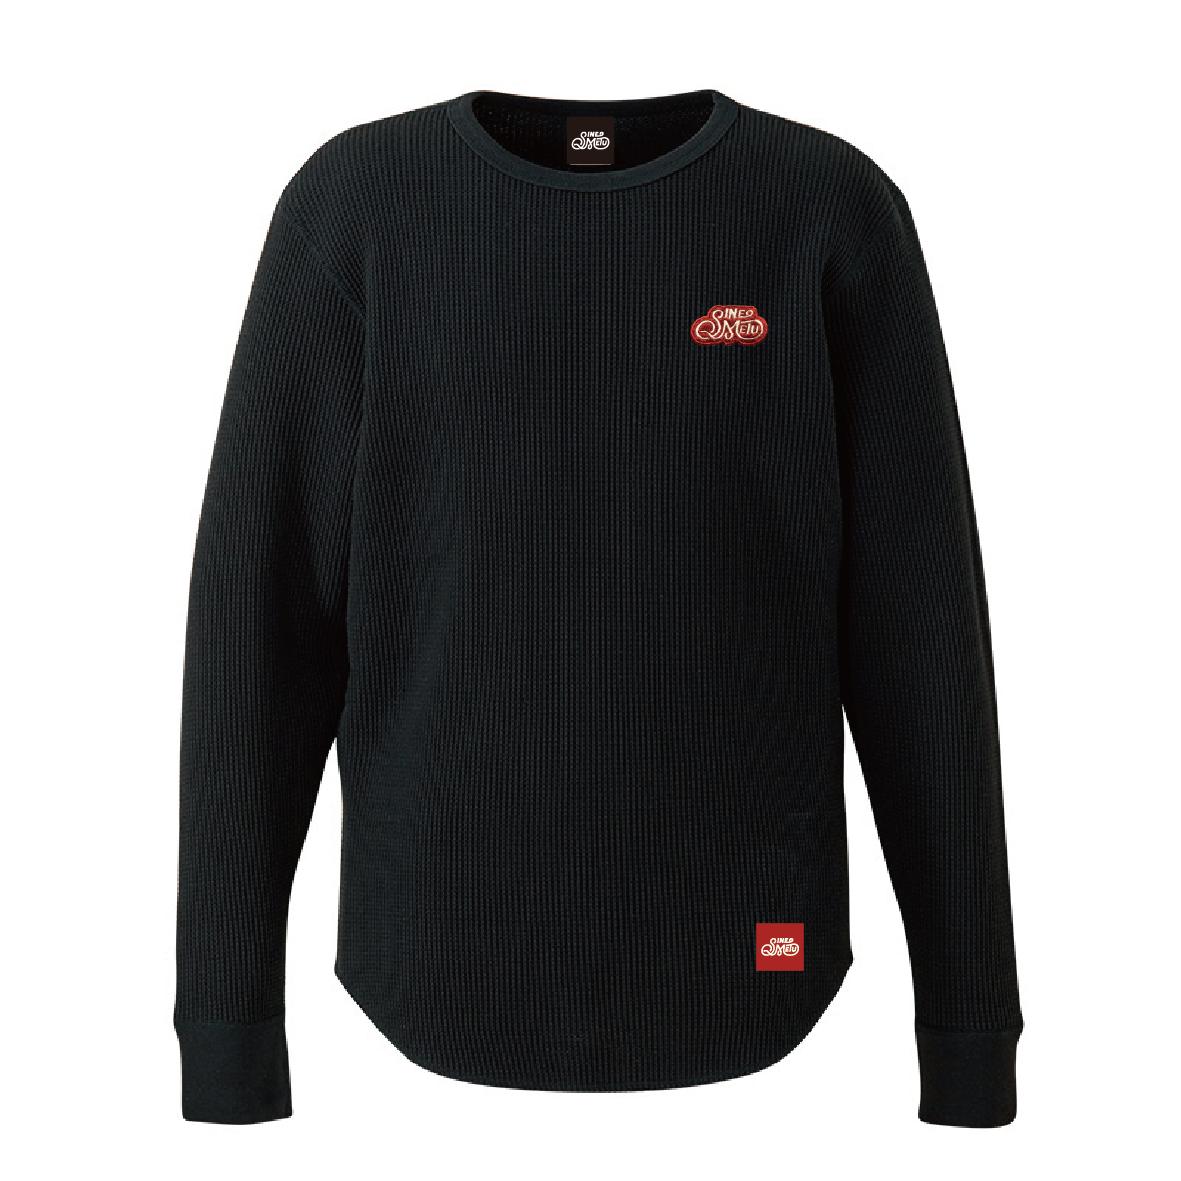 ロゴワッペン サーマルTシャツ 長袖 / ブラック | SINE METU - シネメトゥ